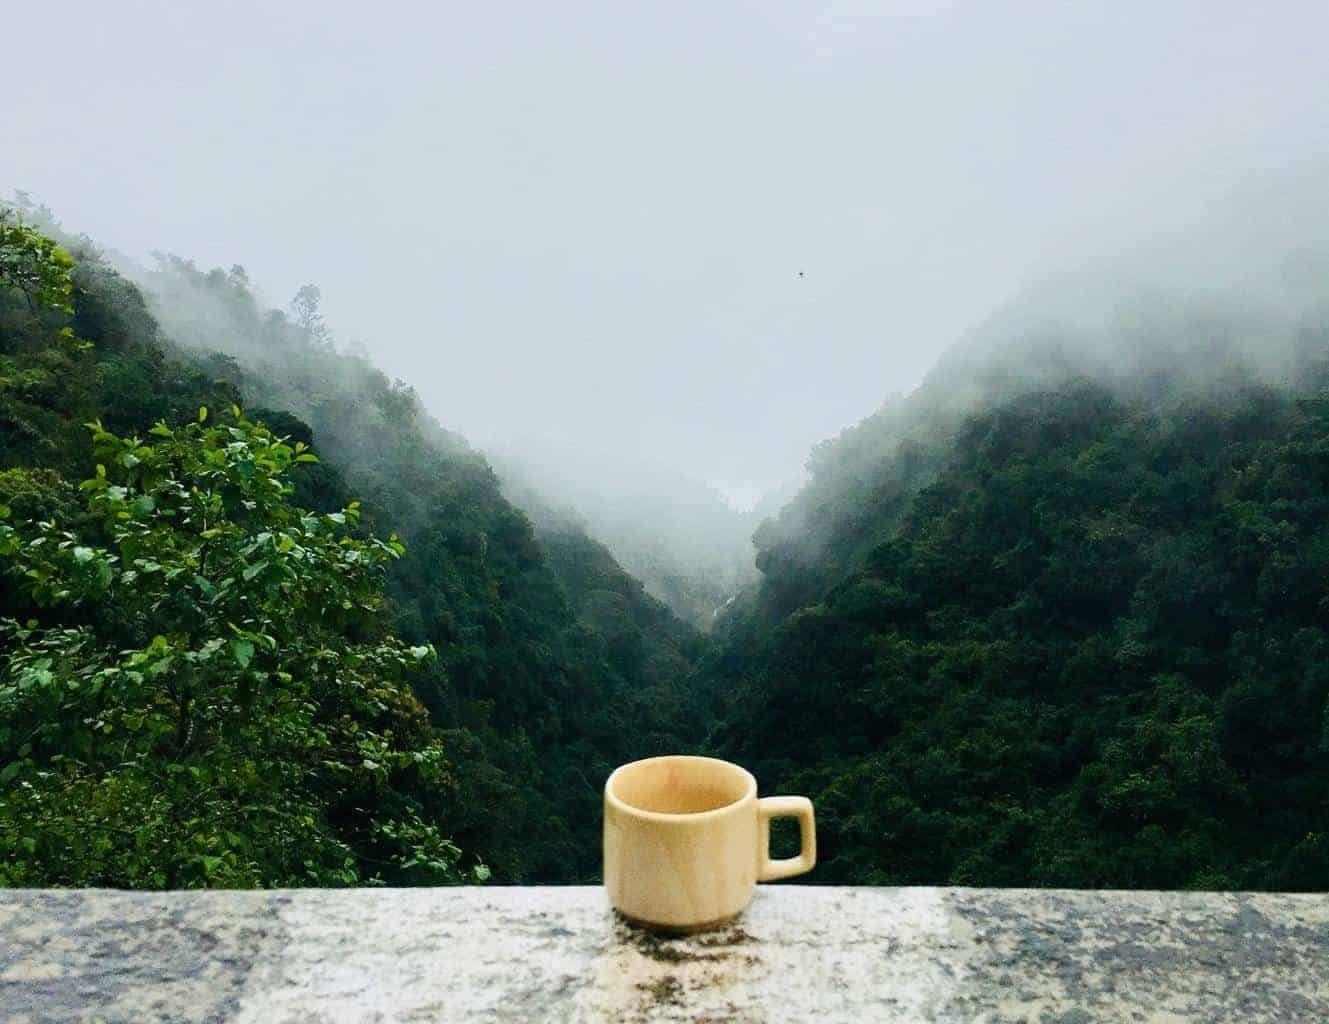 caffeine-coffee-cup-641038-1954712-4545445-9549650